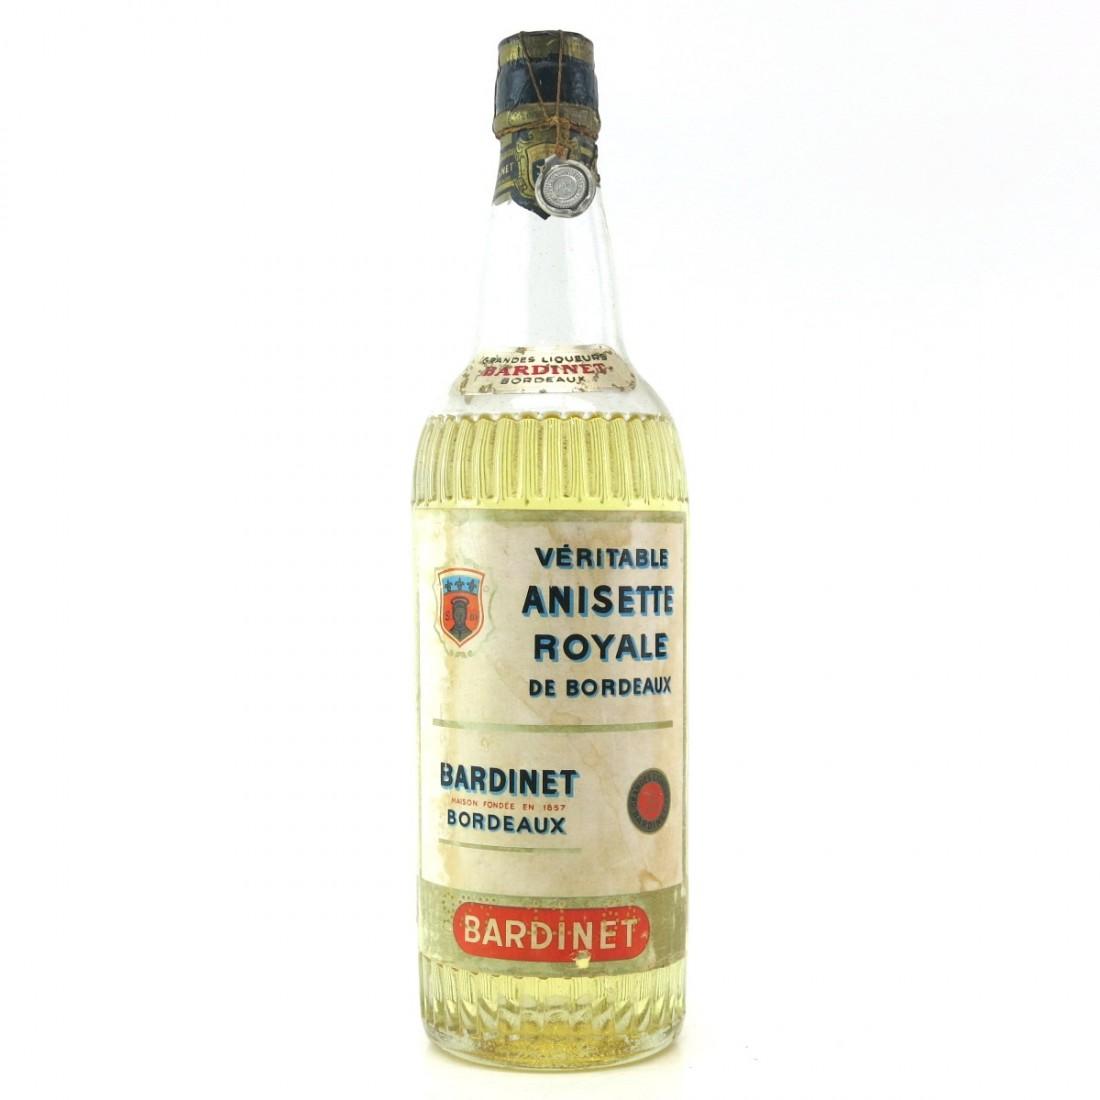 Bardinet Veritable Anisette Royale 1950s